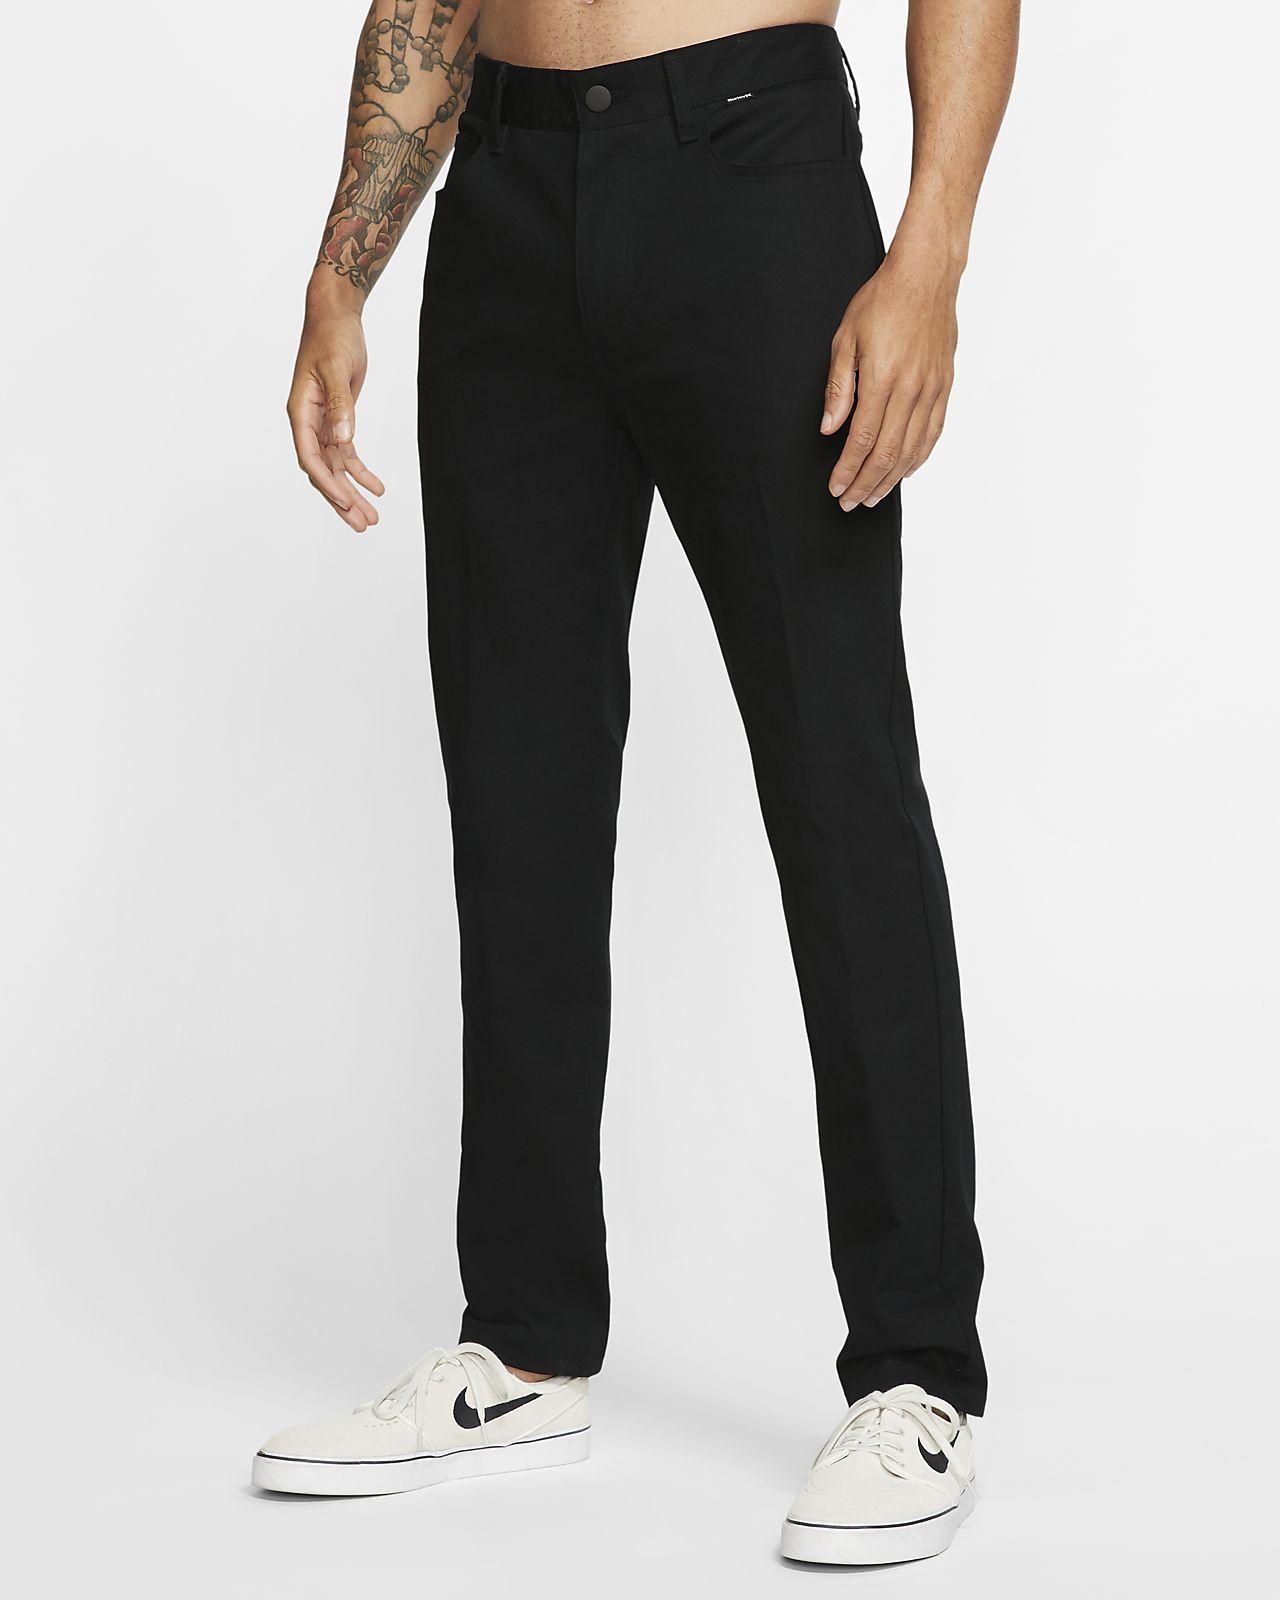 Hurley M 84 Storm Cotton™ Men's Pants